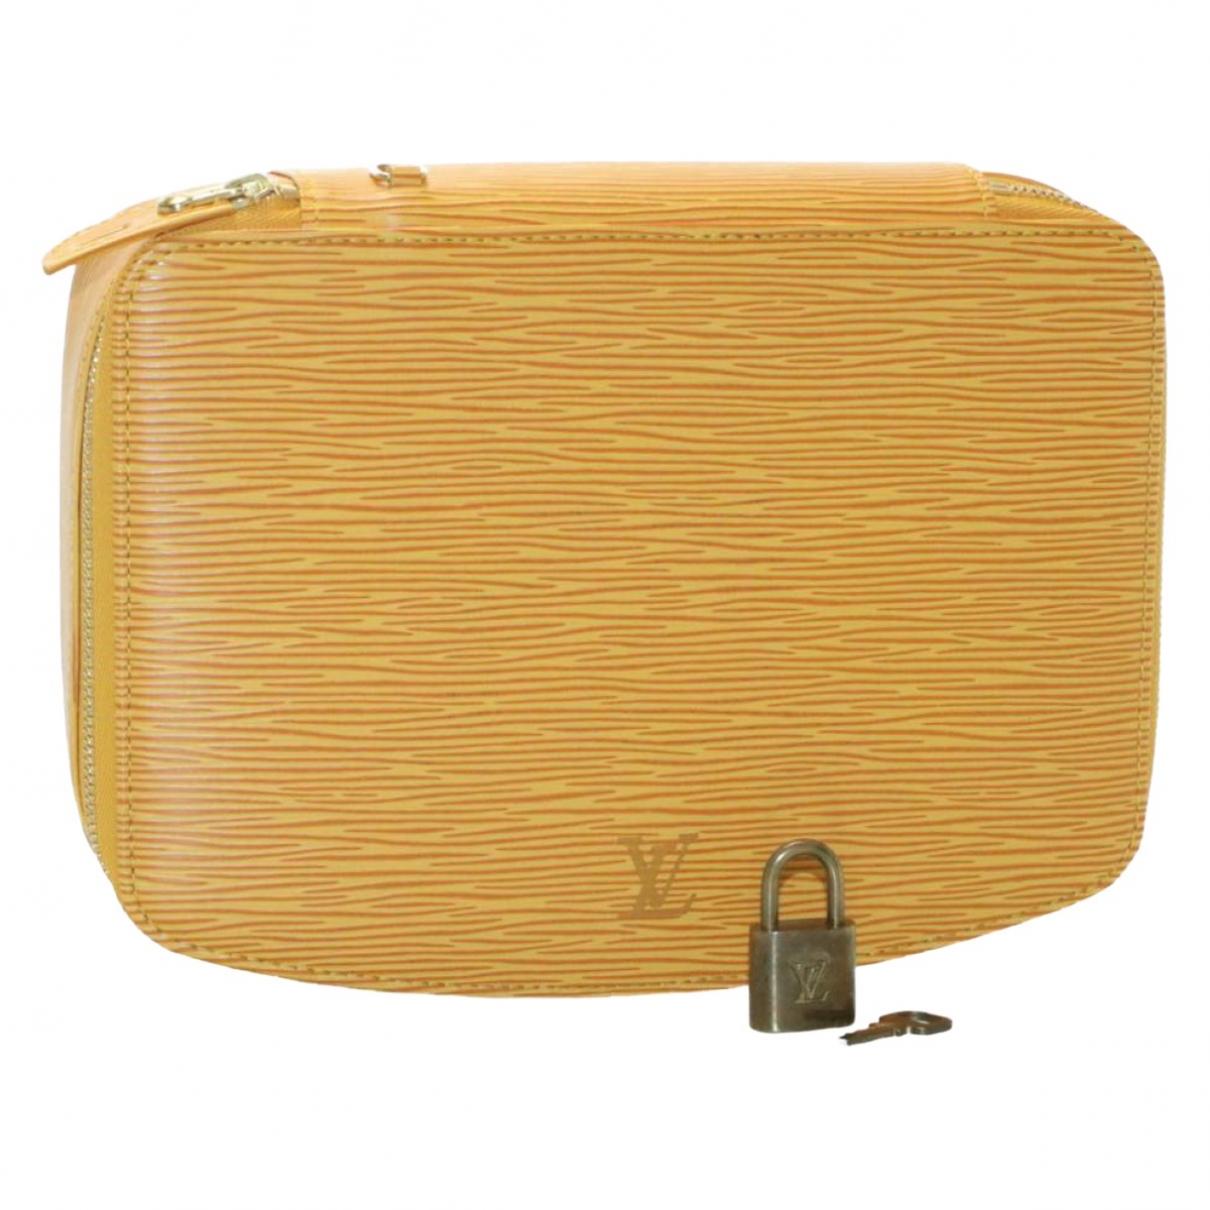 Louis Vuitton - Sac de voyage   pour femme en cuir - jaune